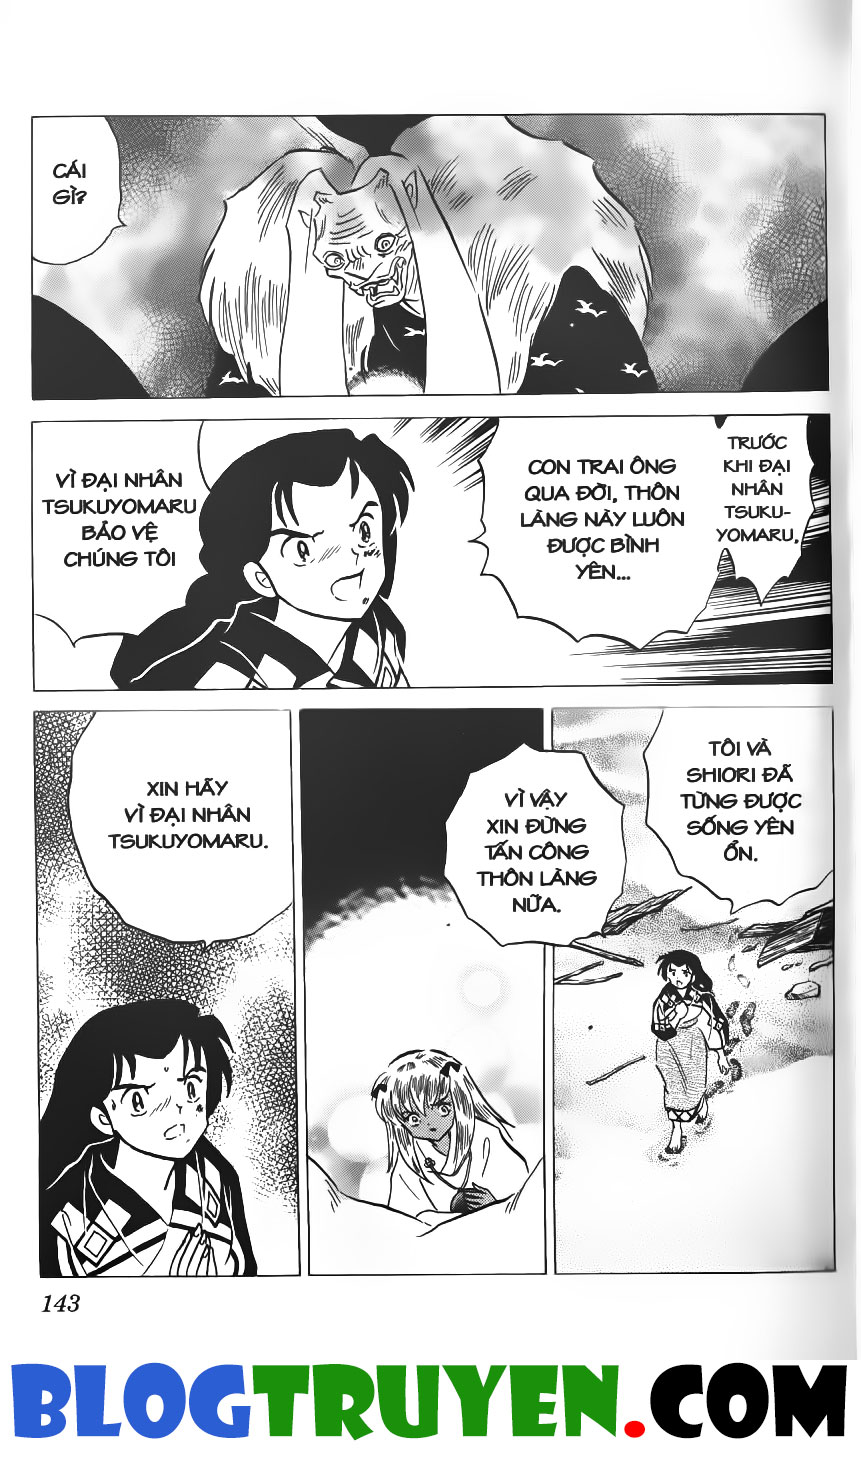 Inuyasha vol 22.8 trang 14